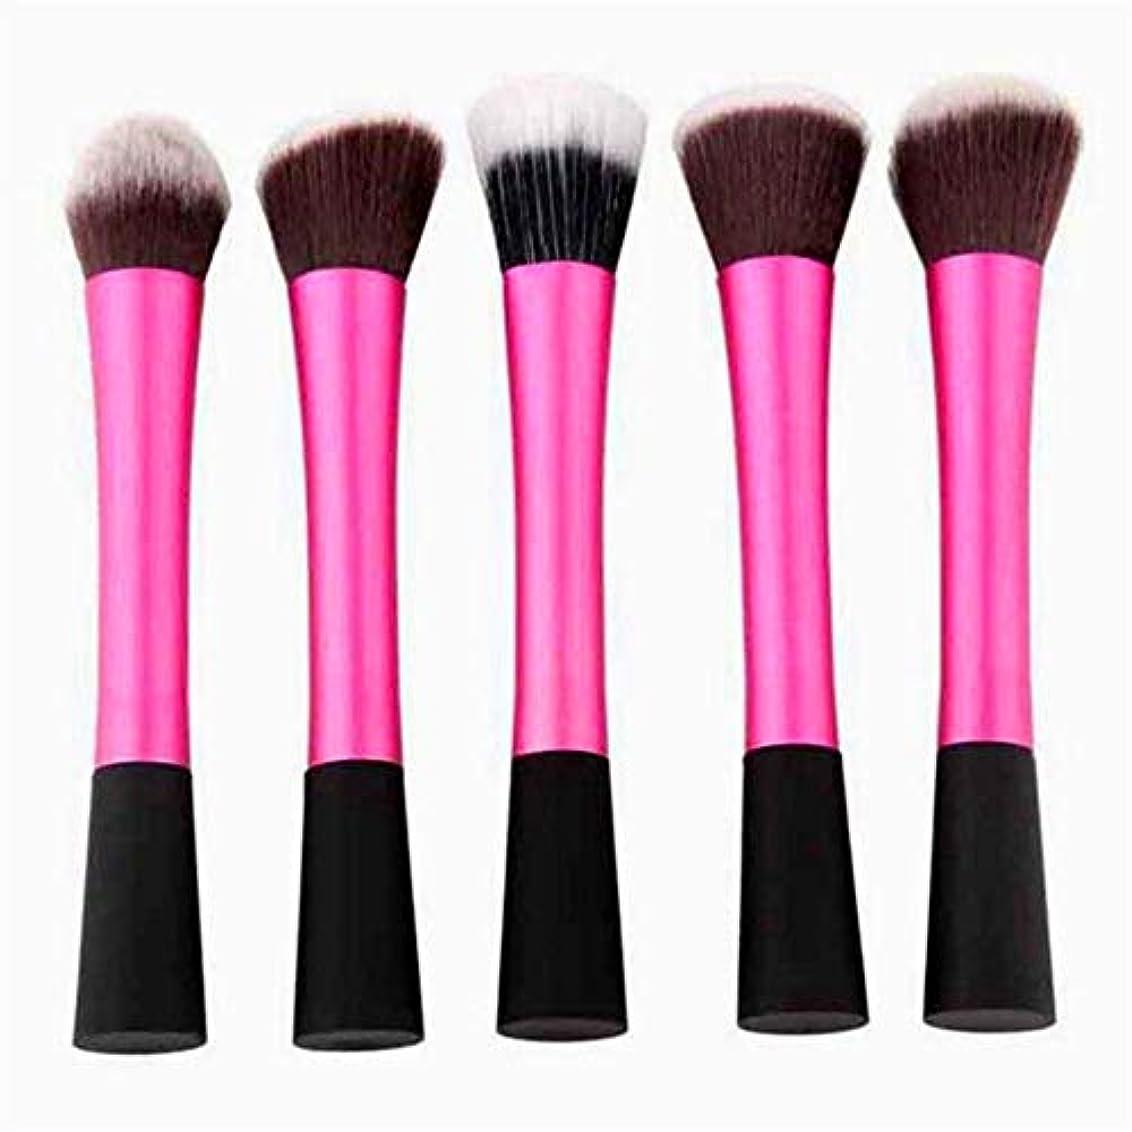 孤児キャプテンブライ常にMakeup brushes 5ピースピンクメイクアップブラシセット熟したアイドルパウダーブラシアイシャドウブラシ輪郭ブラシ suits (Color : Pink)